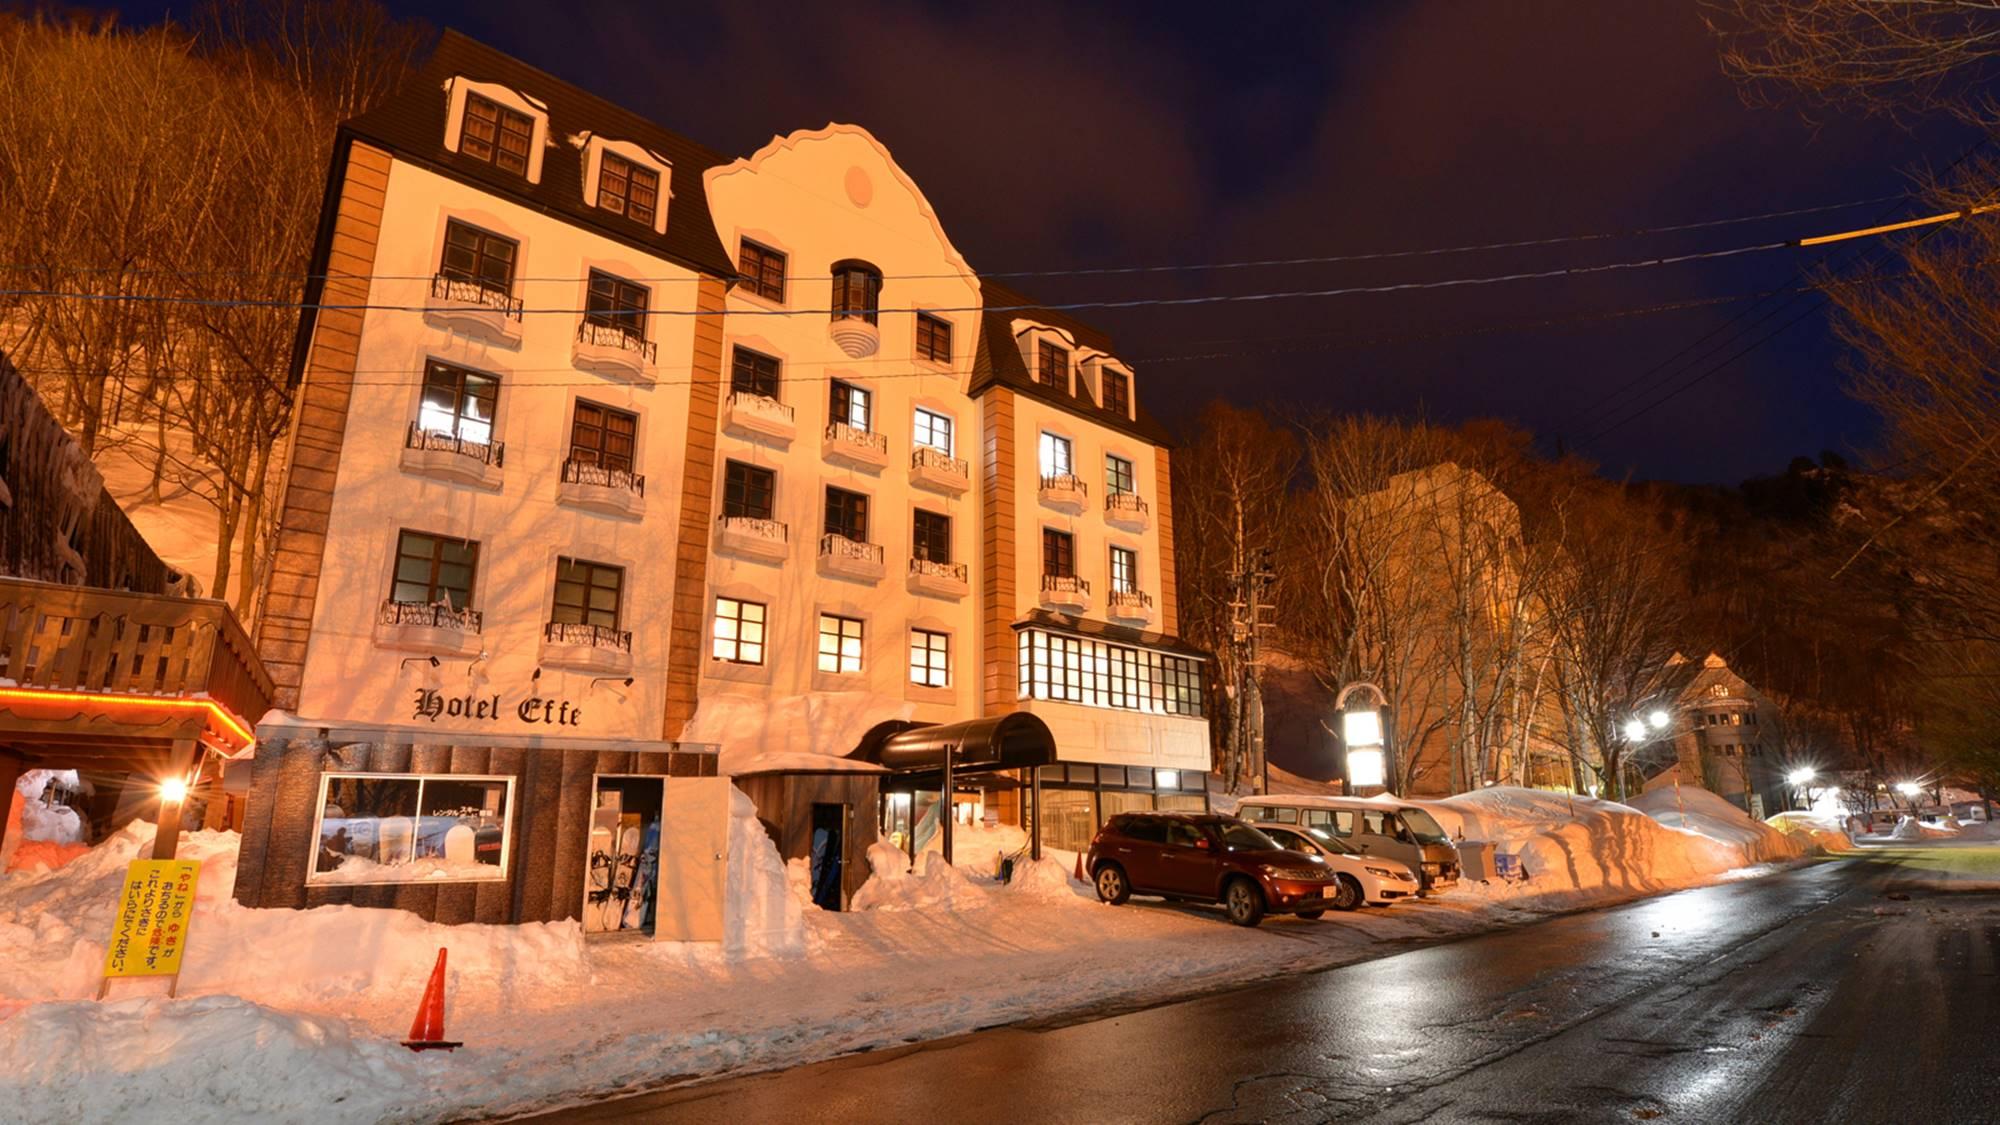 ホテル エフ image